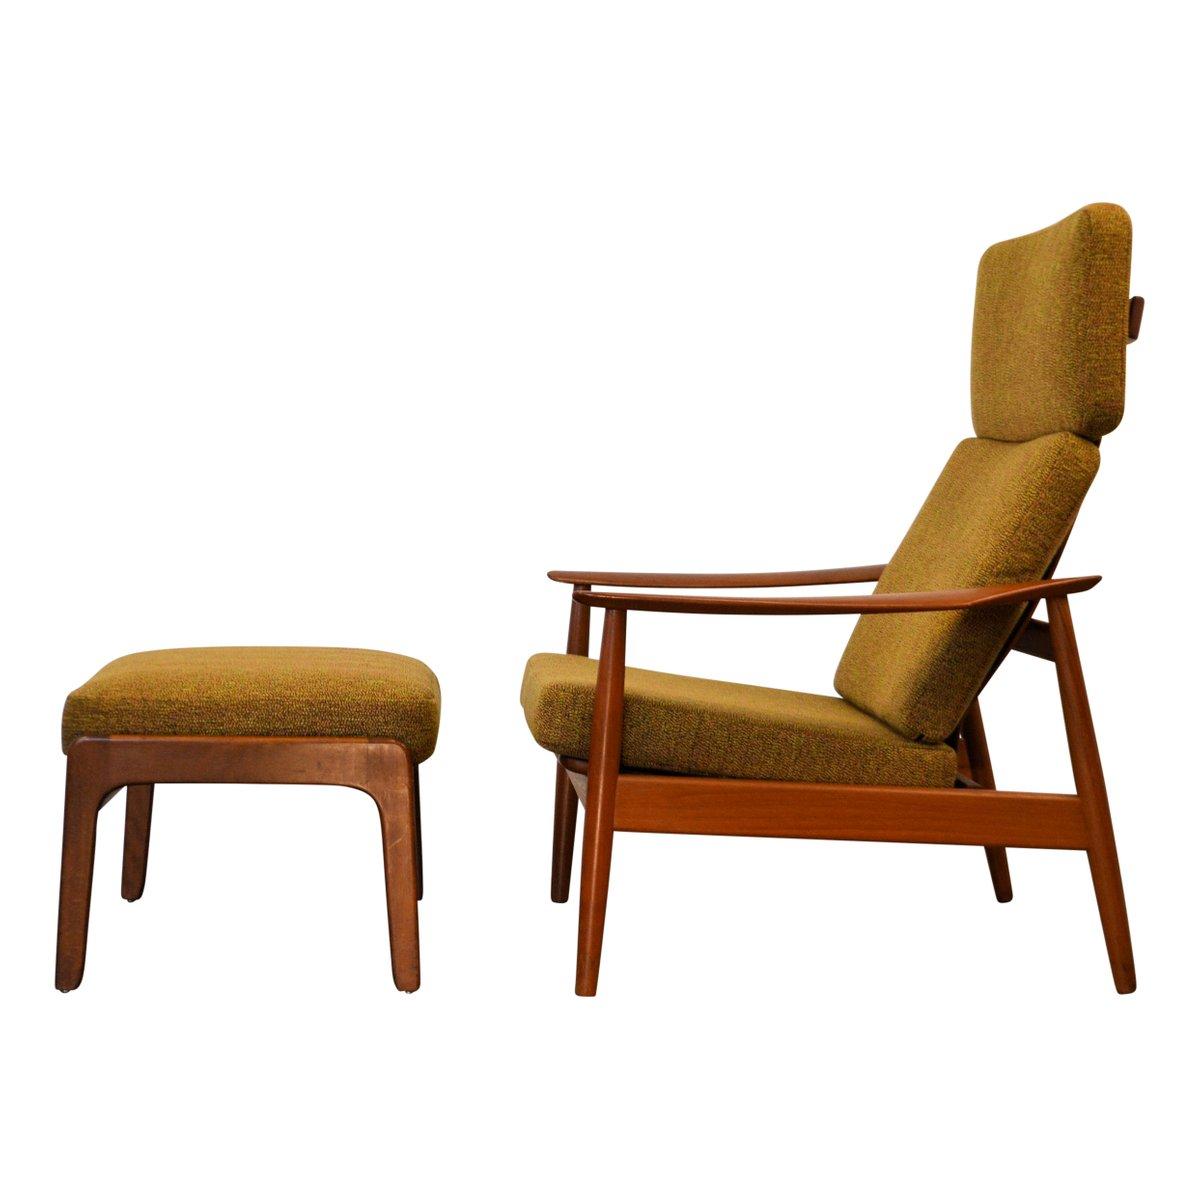 Vintage Model FD164 Teak Lounge Chair U0026 Footstool By Arne Vodder For Cado